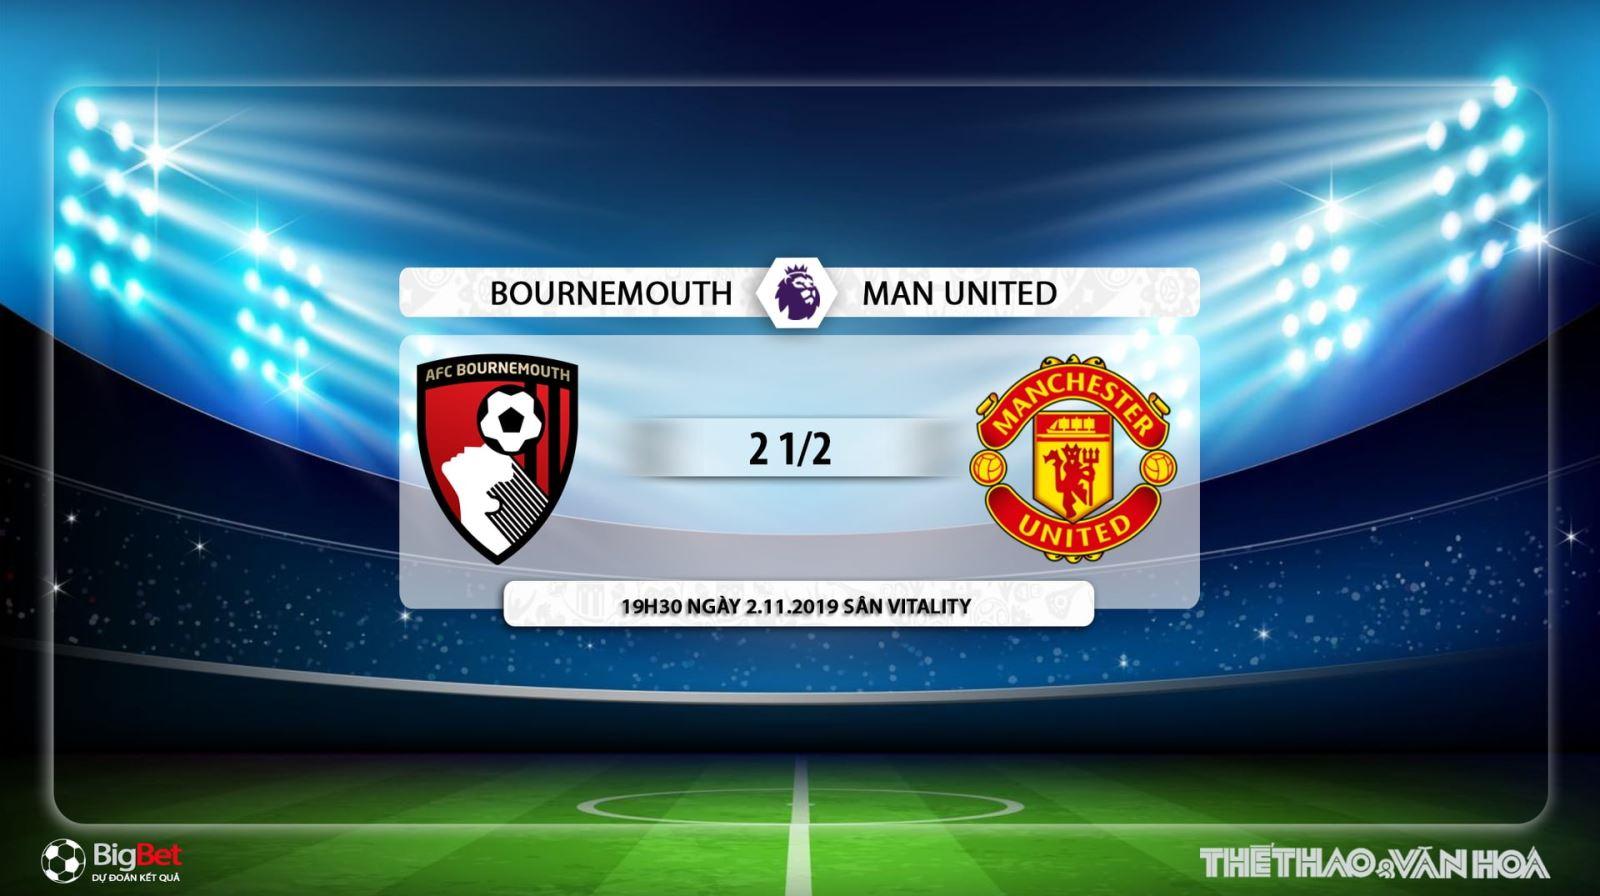 soi kèo Bournemouth vs MU, trực tiếp bóng đá Bournemouth vs MU, MU, Bournemouth, xem trực tiếp MU vs Bournemouth, soi kèo bóng đá